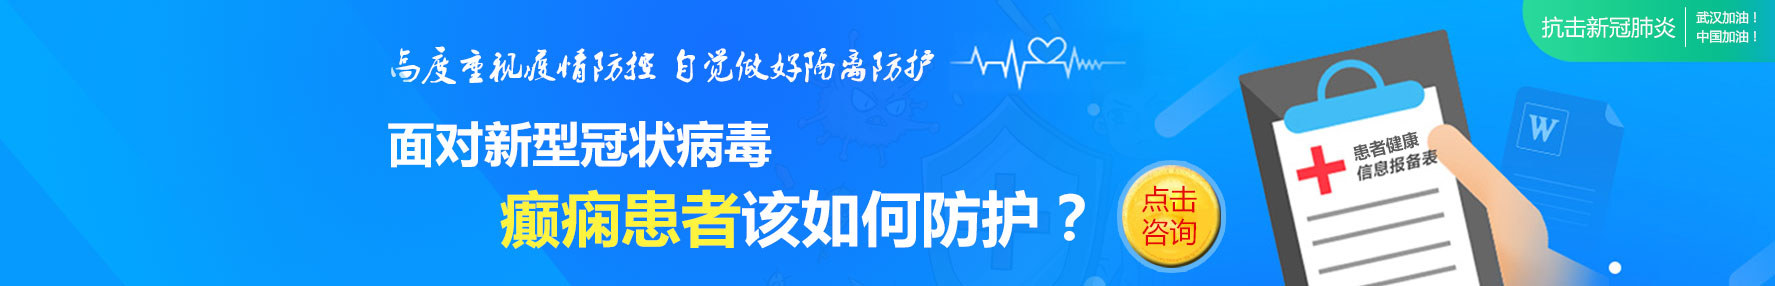 哈尔滨癫痫病在线视频偷国产精品